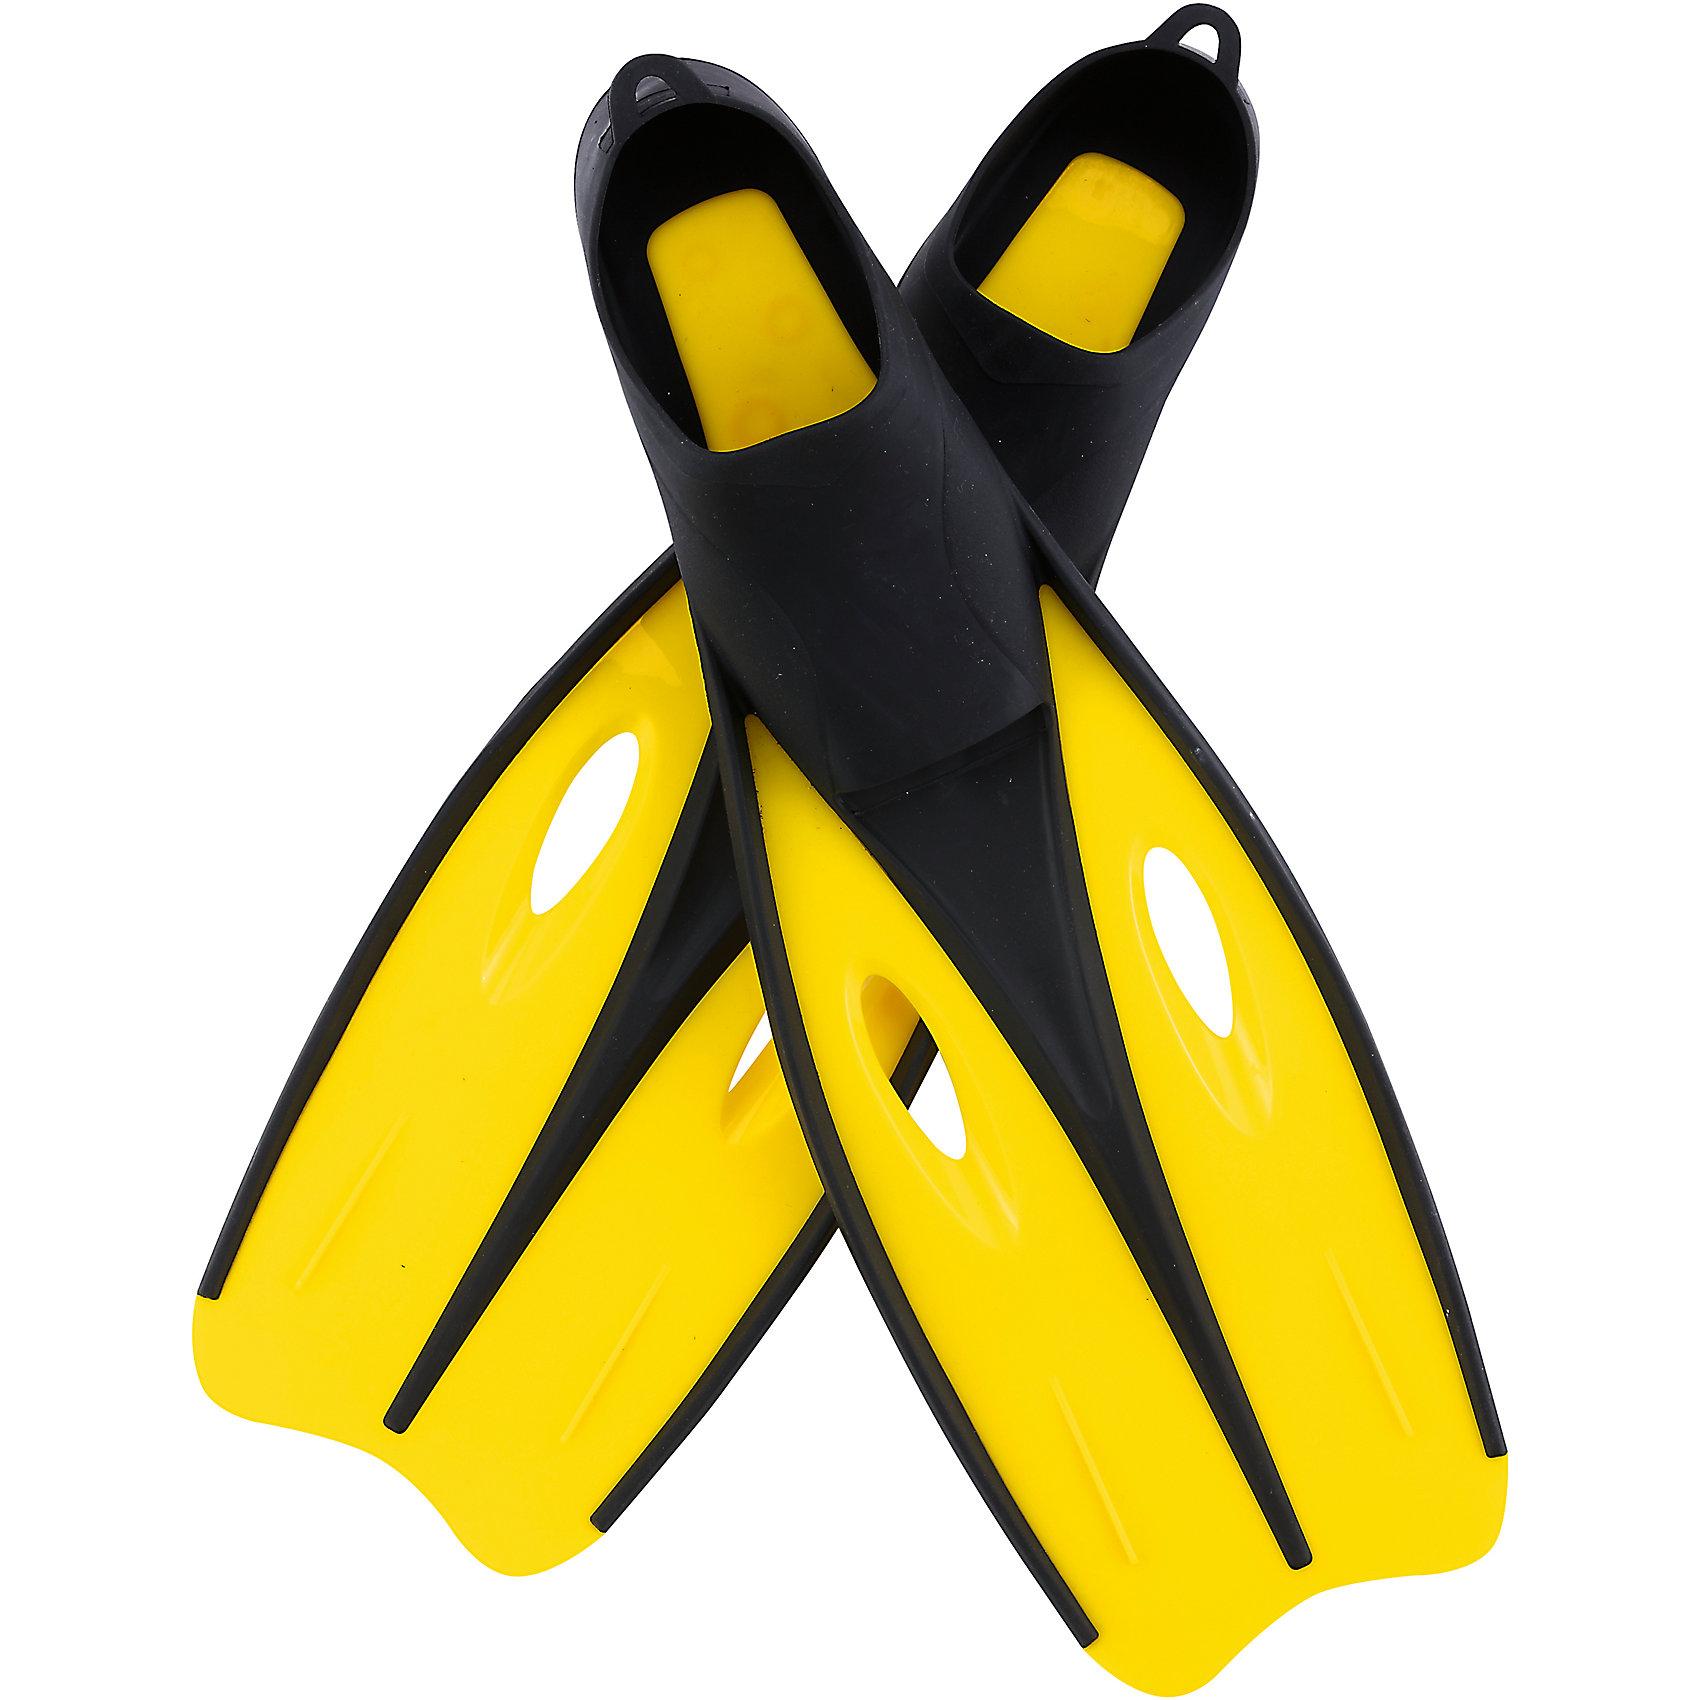 Ласты для плавания для взрослых, р-р 40-42, Bestway, желтыеОчки, маски, ласты, шапочки<br>Ласты для плавания для взрослых, р-р 40-42, Bestway (Бествей), желтые<br><br>Характеристики:<br><br>• гидродинамические ребра и отверстия<br>• удобная галоша<br>• открытый носок<br>• чехол в комплекте<br>• материал: пластик<br>• размер: 40-42<br>• размер упаковки: 19х56х10 см<br>• вес: 946 грамм<br>• цвет: желтый<br><br>С ластами Bestway вы сможете быстро набрать скорость во время плавания. Они изготовлены из прочного пластика, оснащены гидродинамическими ребрами и отверстиями для уменьшения бокового давления воды. Открытый носок препятствует скапливанию воды внутри галоши. В комплект входит чехол для удобной транспортировки.<br><br>Ласты для плавания для взрослых, р-р 40-42, Bestway (Бествей), желтые вы можете купить в нашем интернет-магазине.<br><br>Ширина мм: 600<br>Глубина мм: 370<br>Высота мм: 300<br>Вес г: 946<br>Возраст от месяцев: 144<br>Возраст до месяцев: 2147483647<br>Пол: Унисекс<br>Возраст: Детский<br>SKU: 5486988